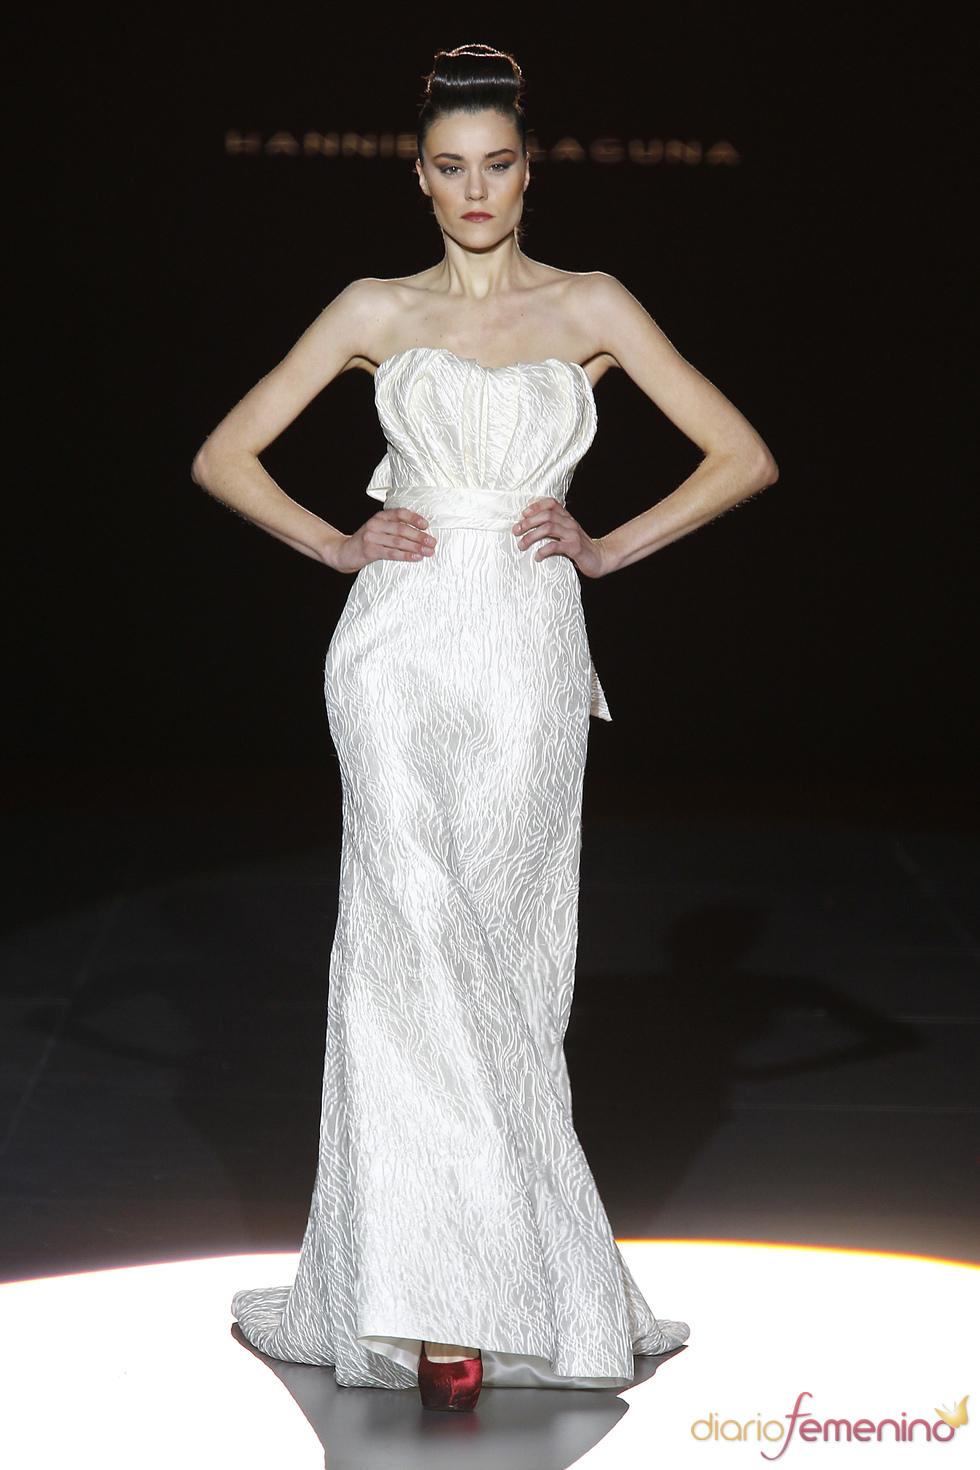 Original vestido de novia de Hannibal Laguna